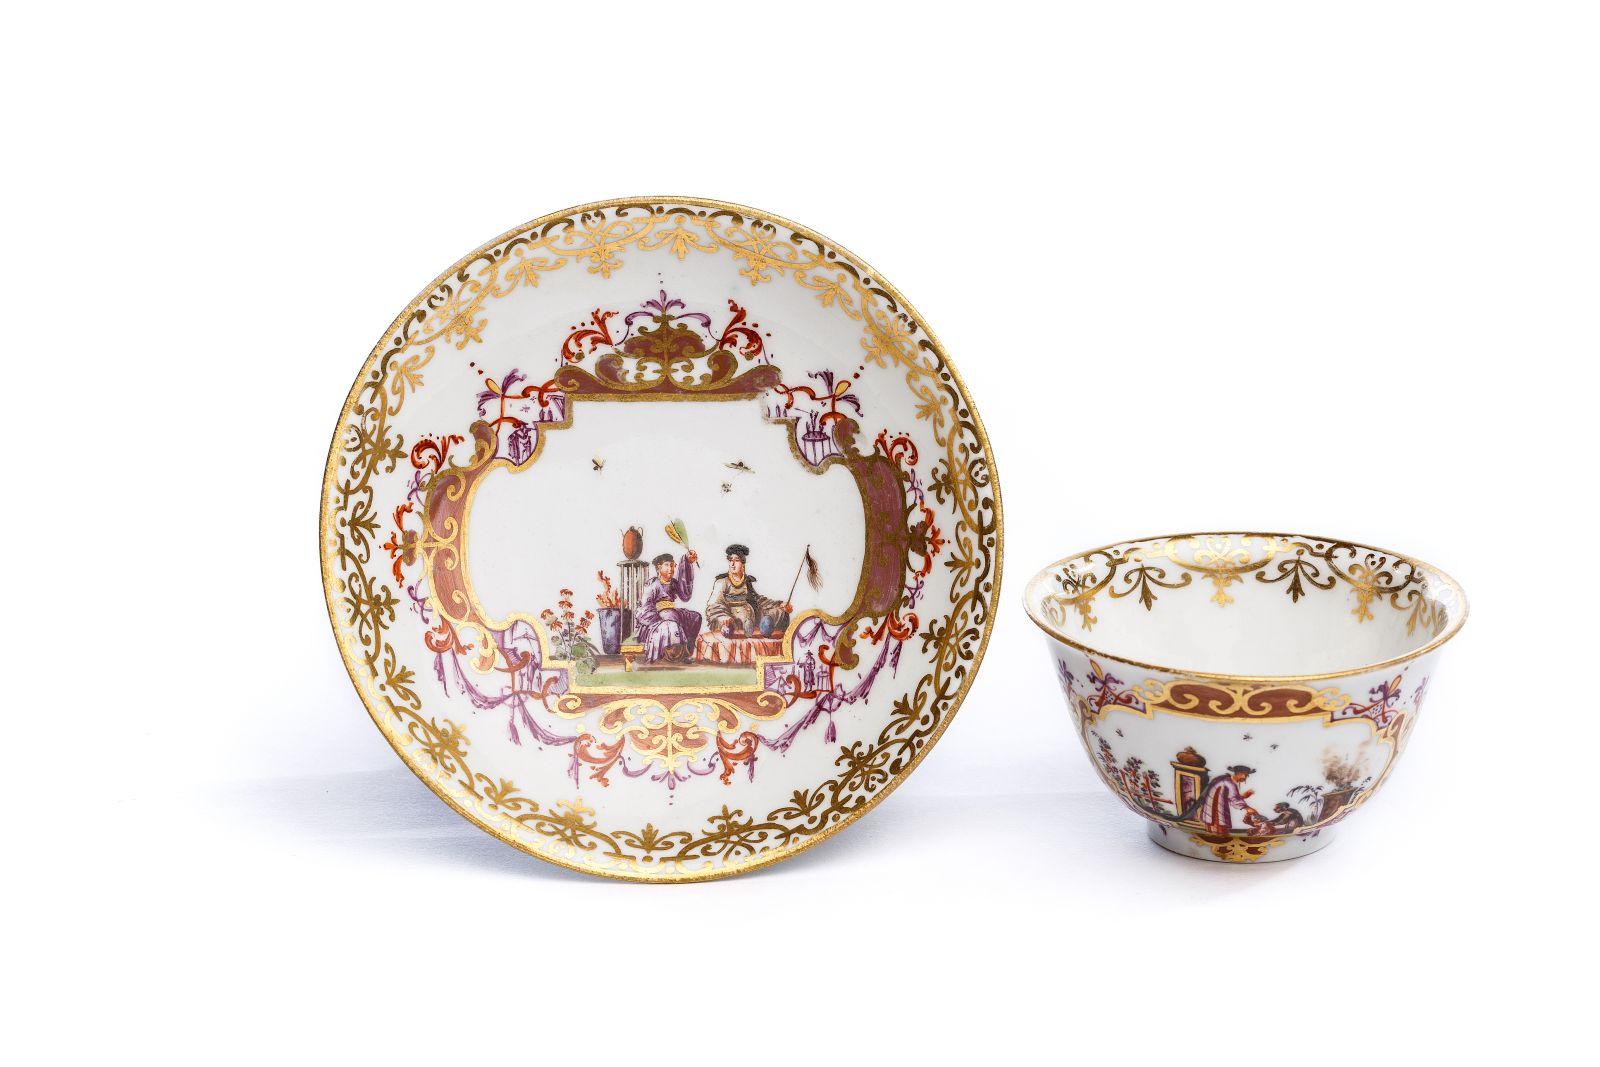 #160 Bowl with saucer, Meissen 1730 | Koppchen mit Unterschale, Meissen 1730 Image